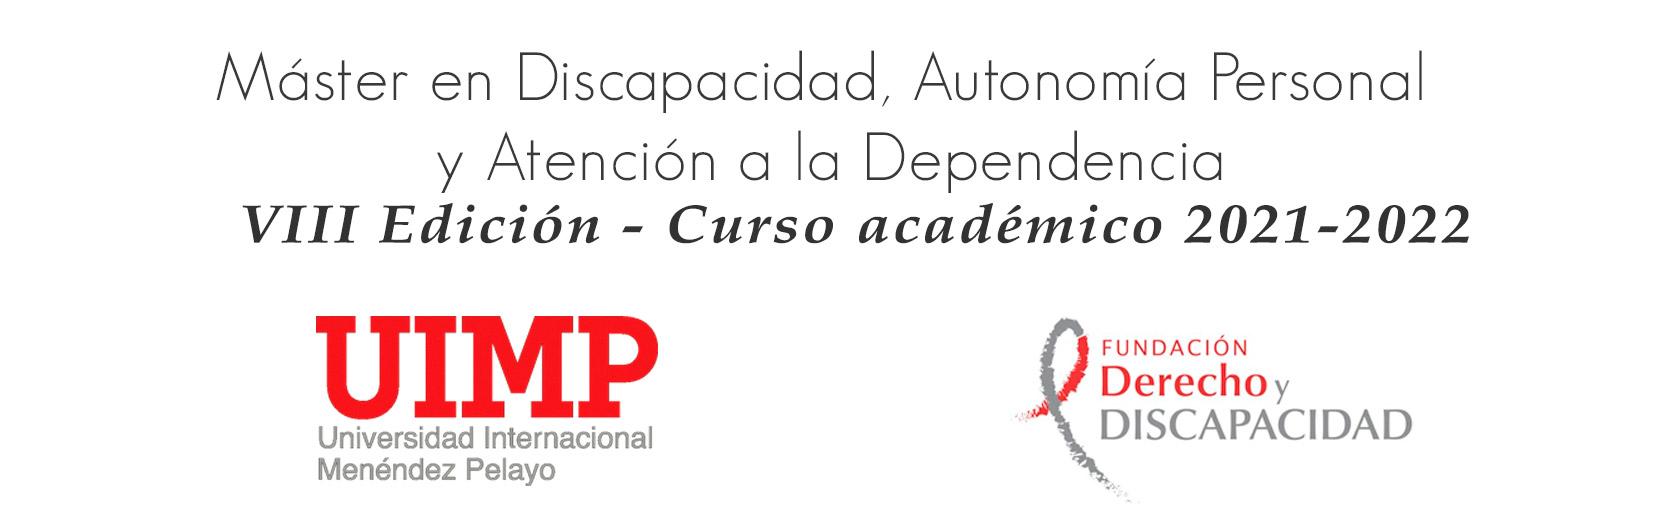 VIII Edición - Máster en discapacidad, autonomía personal y atención a la dependiencia